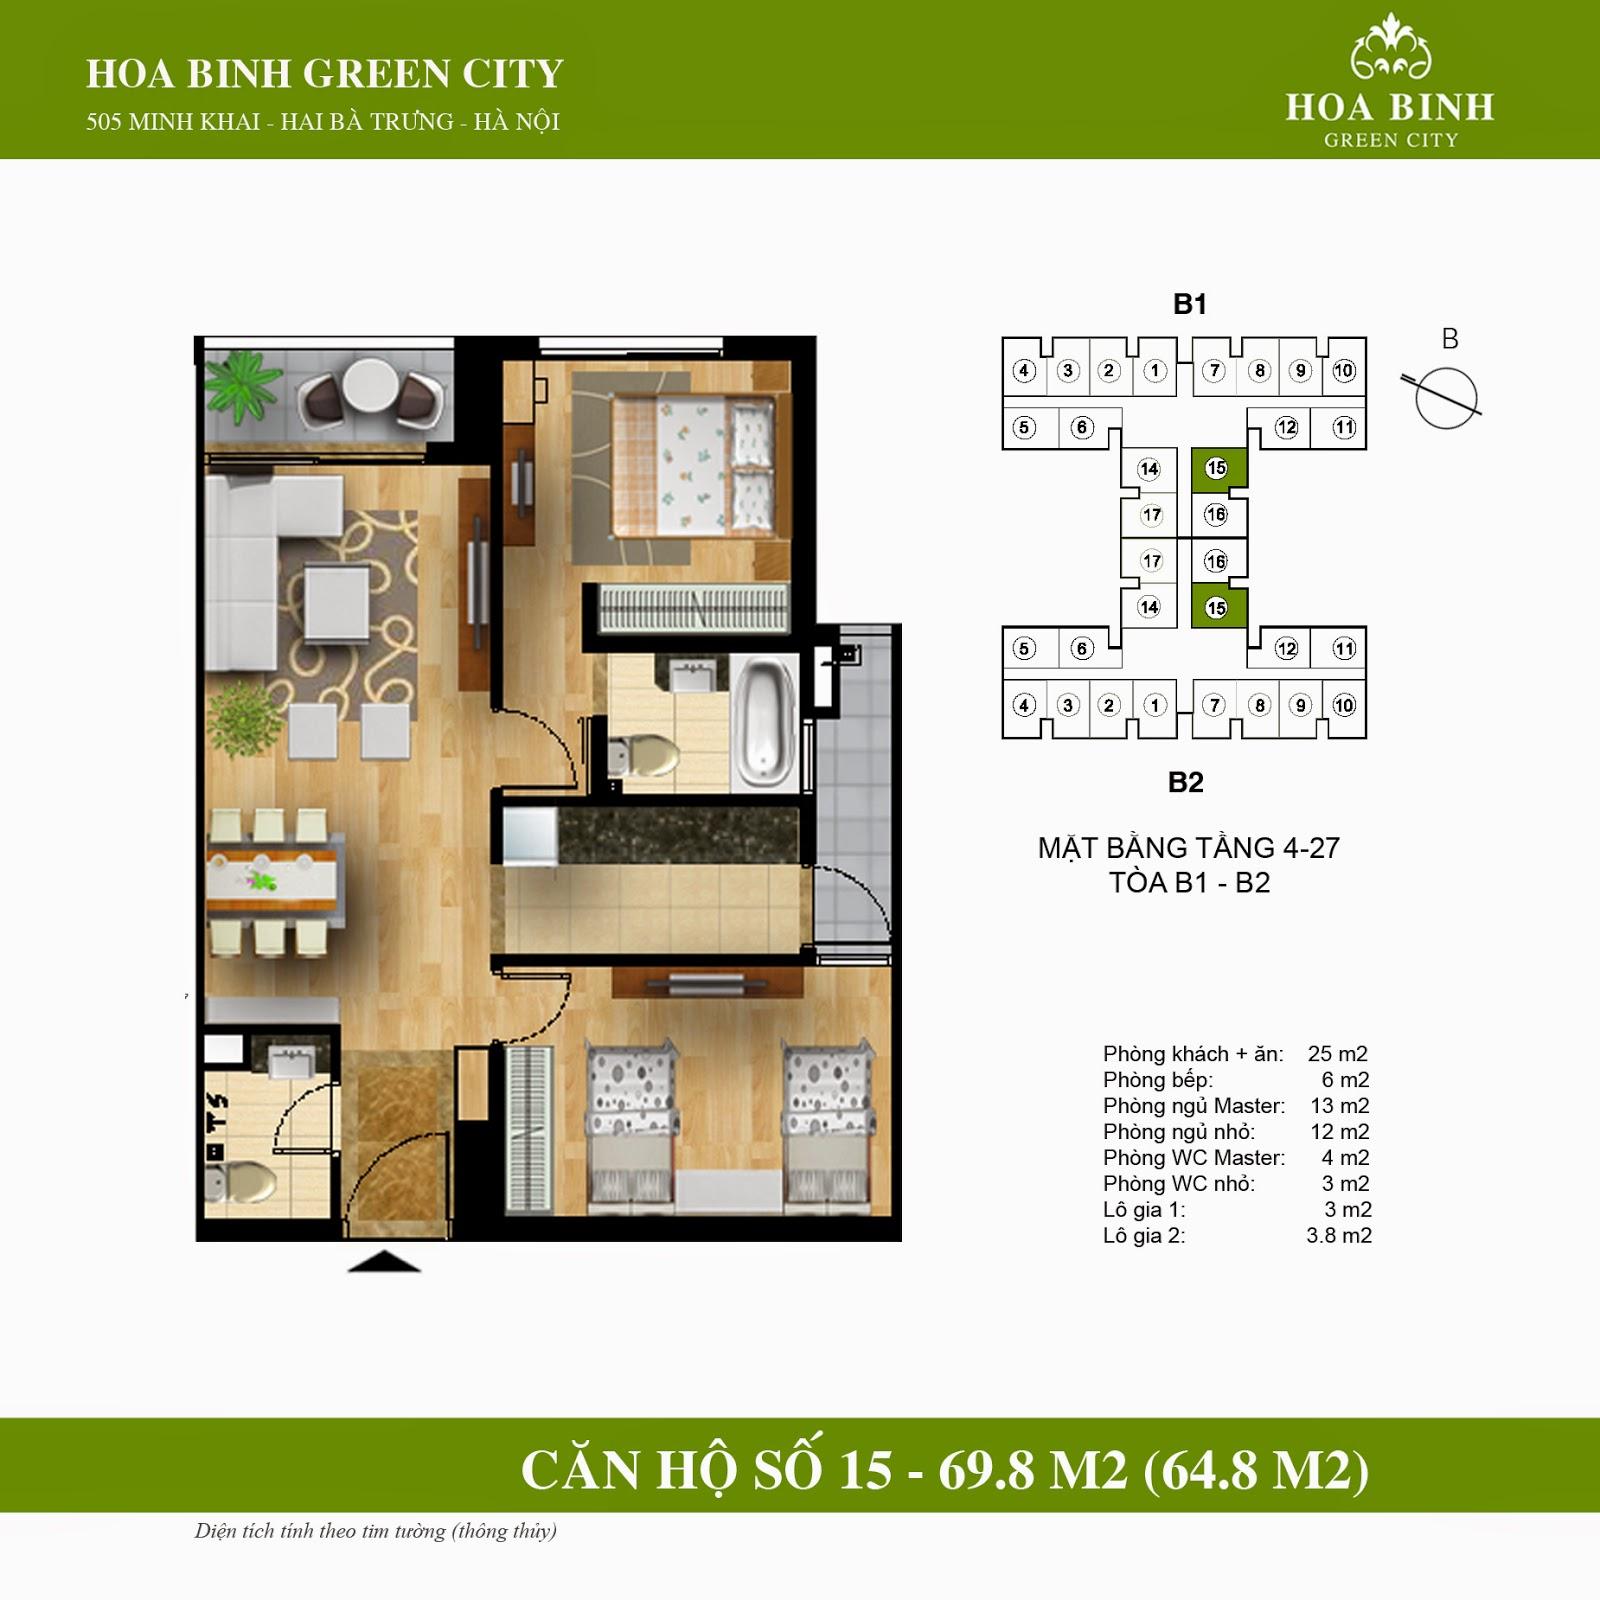 Hòa Bình Green City B 69,8m2